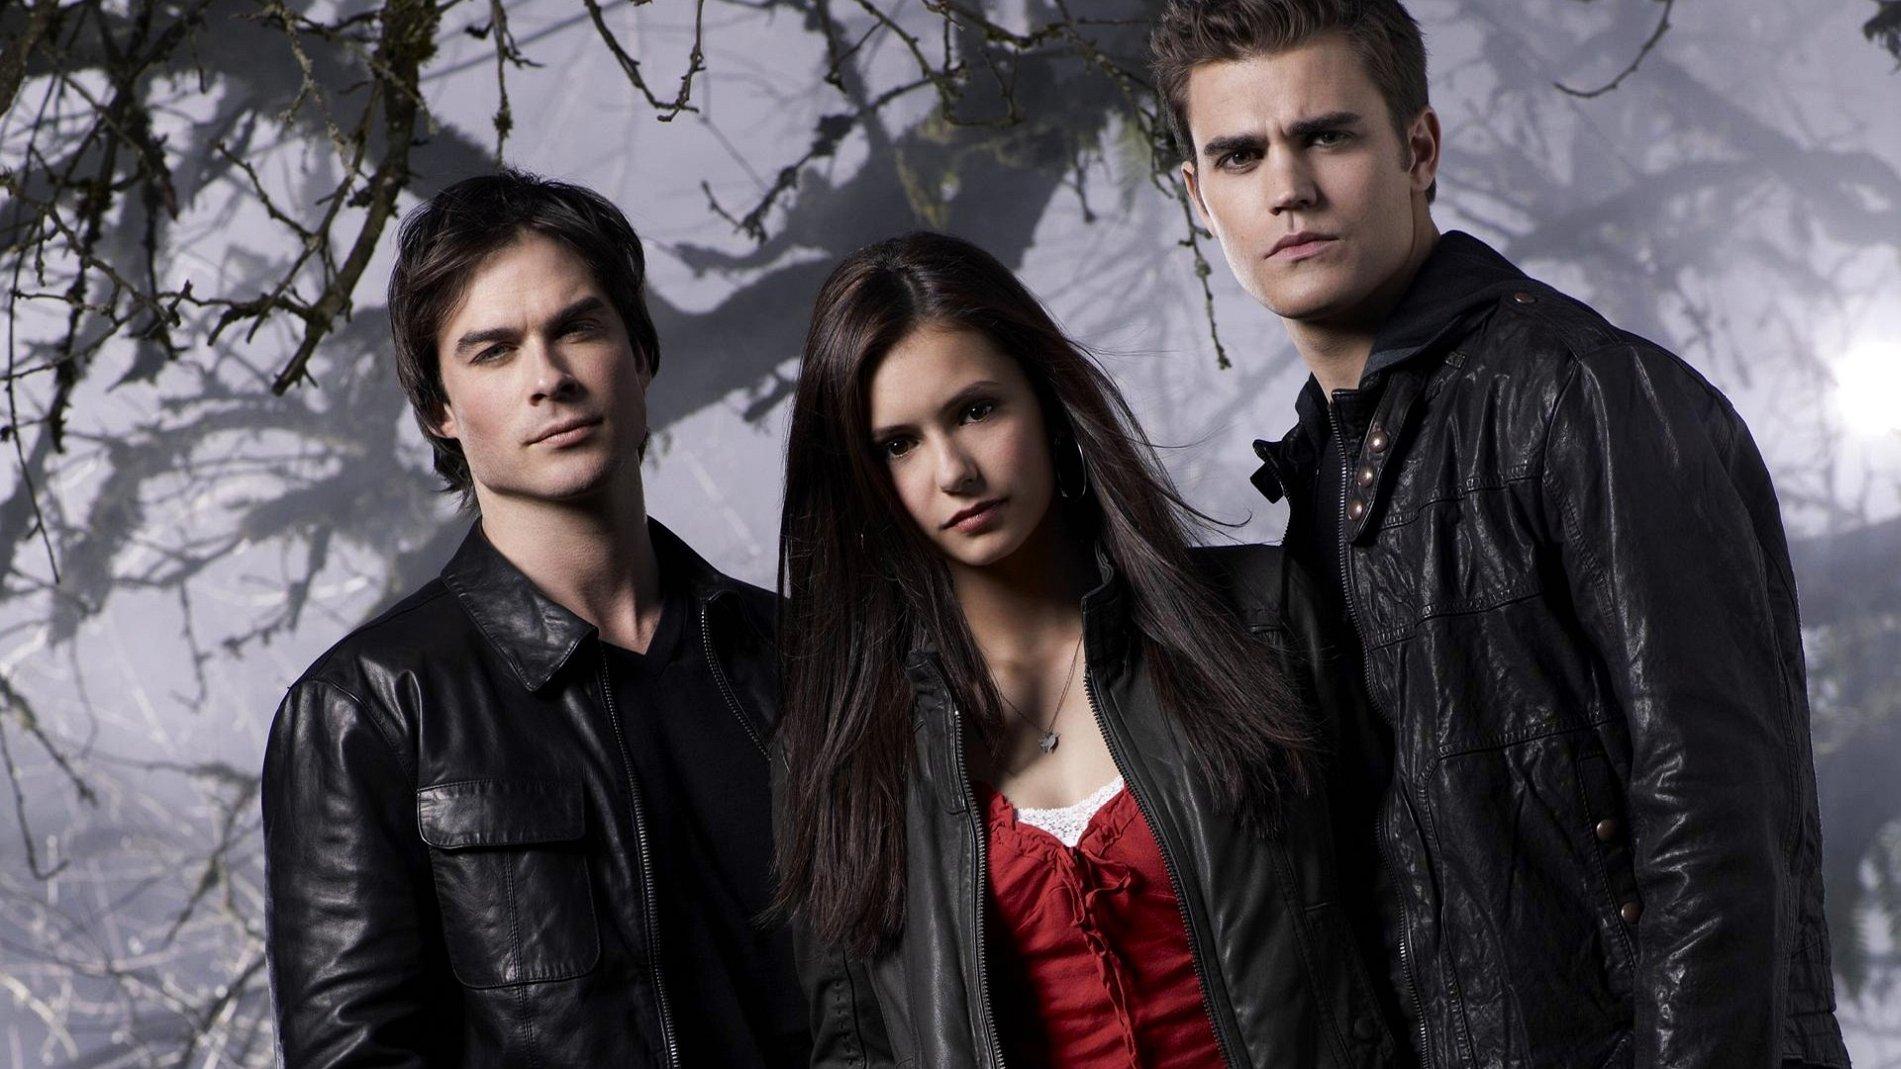 Vampire Diaries 9